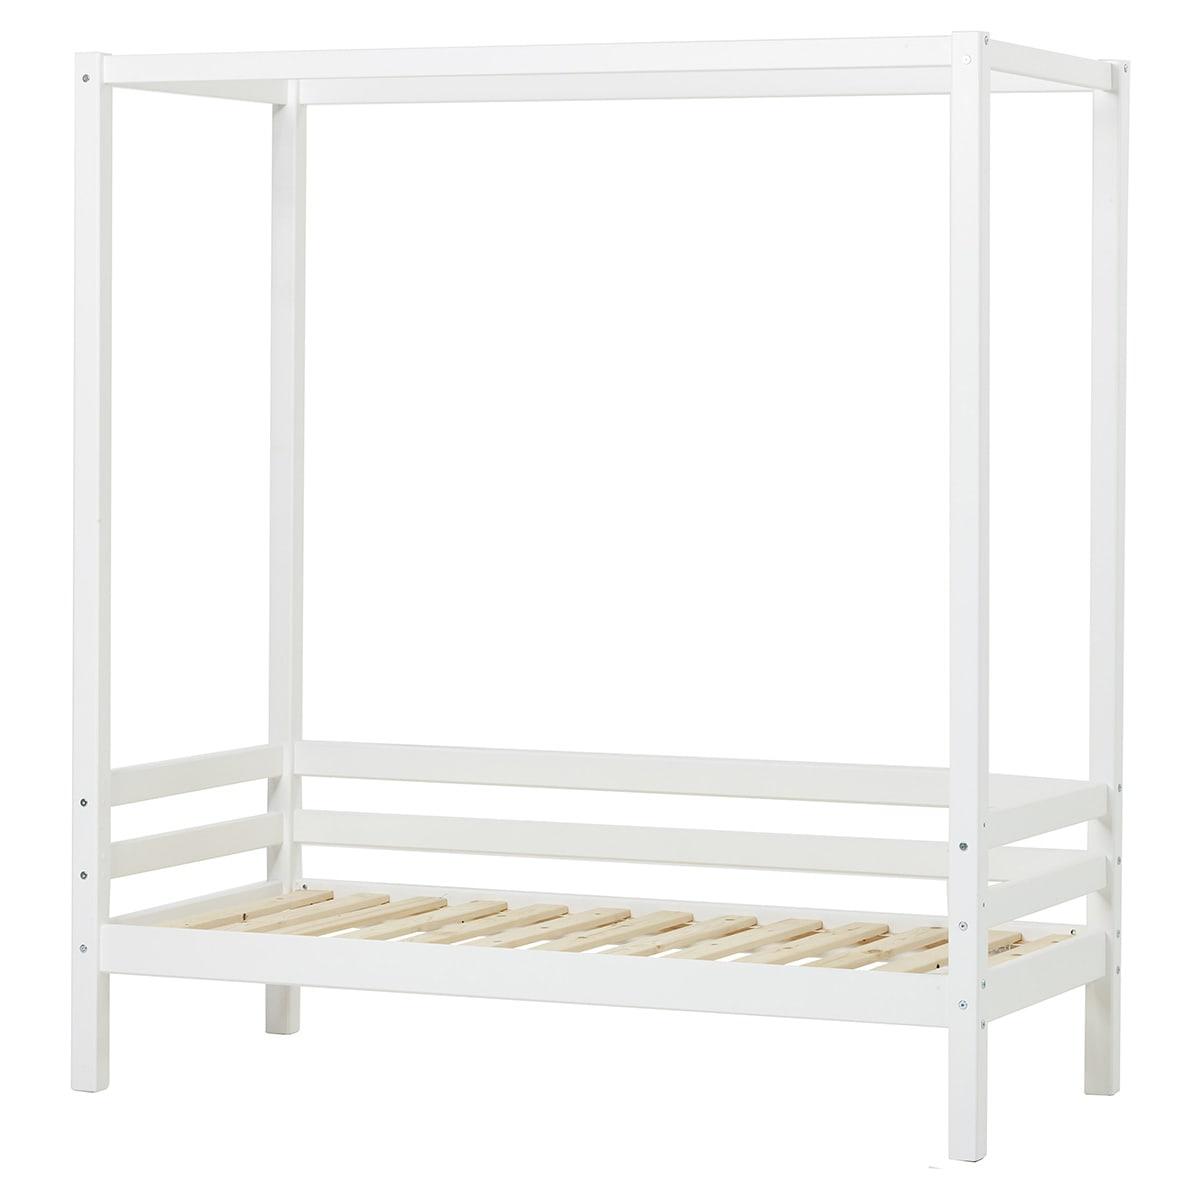 70 x 160 cm - Svanemærket juniorseng - Skab den hyggeligste soveplads